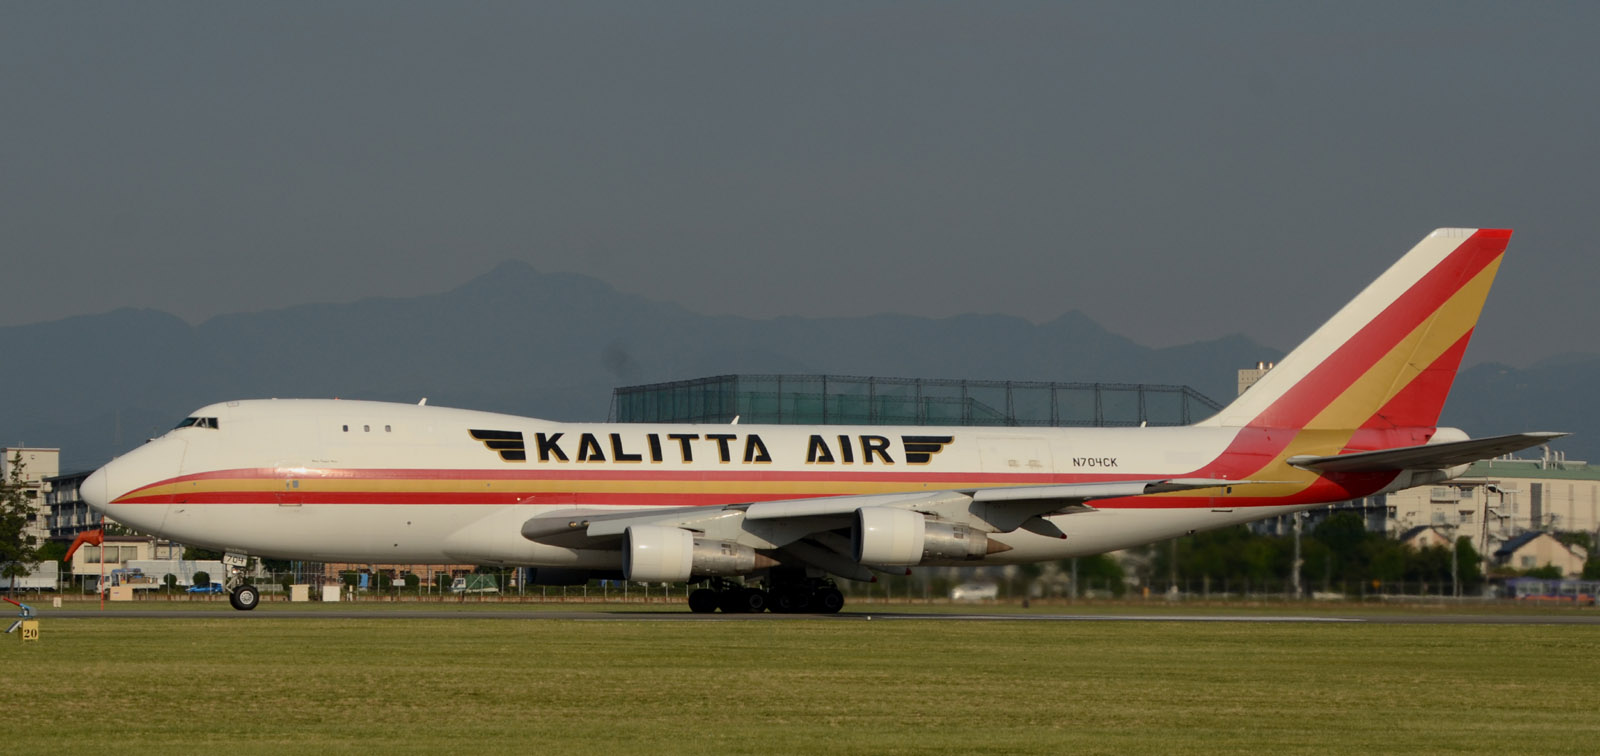 Kalitta150525g931